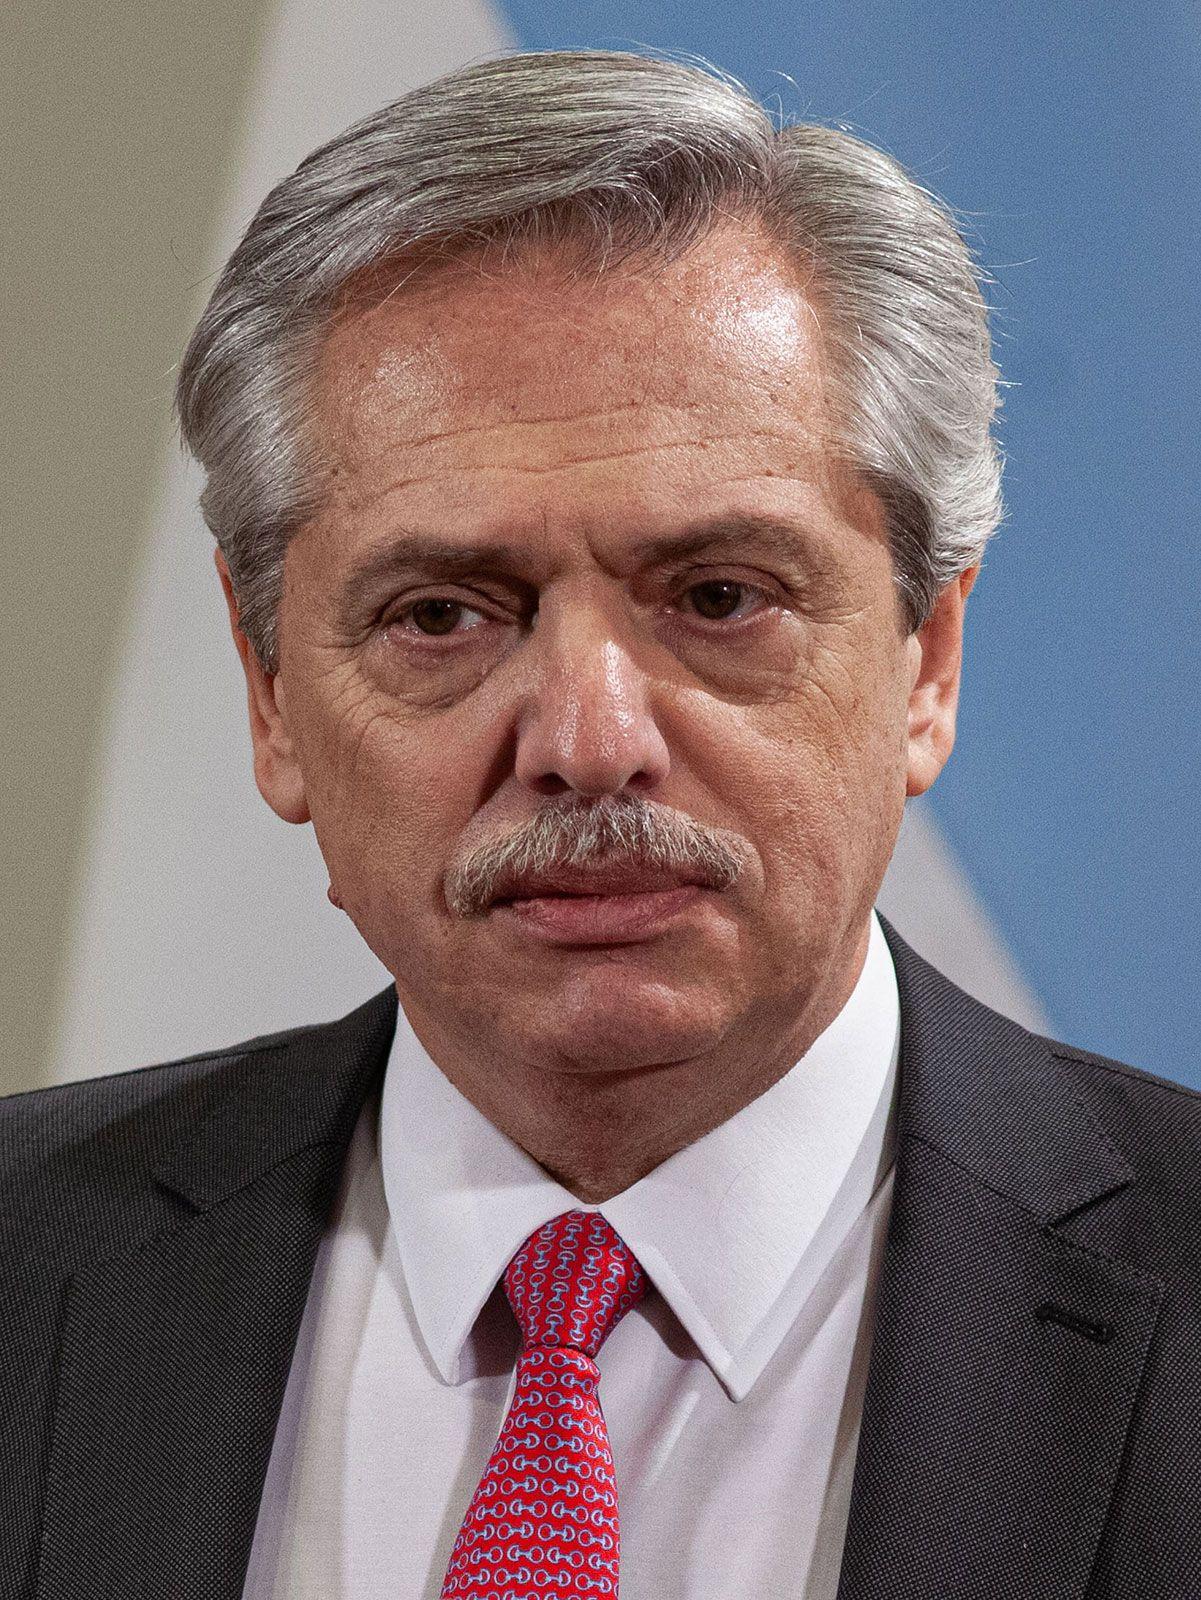 ÚLTIMO MOMENTO!!!! Alberto Fernández declara la guerra a puelen